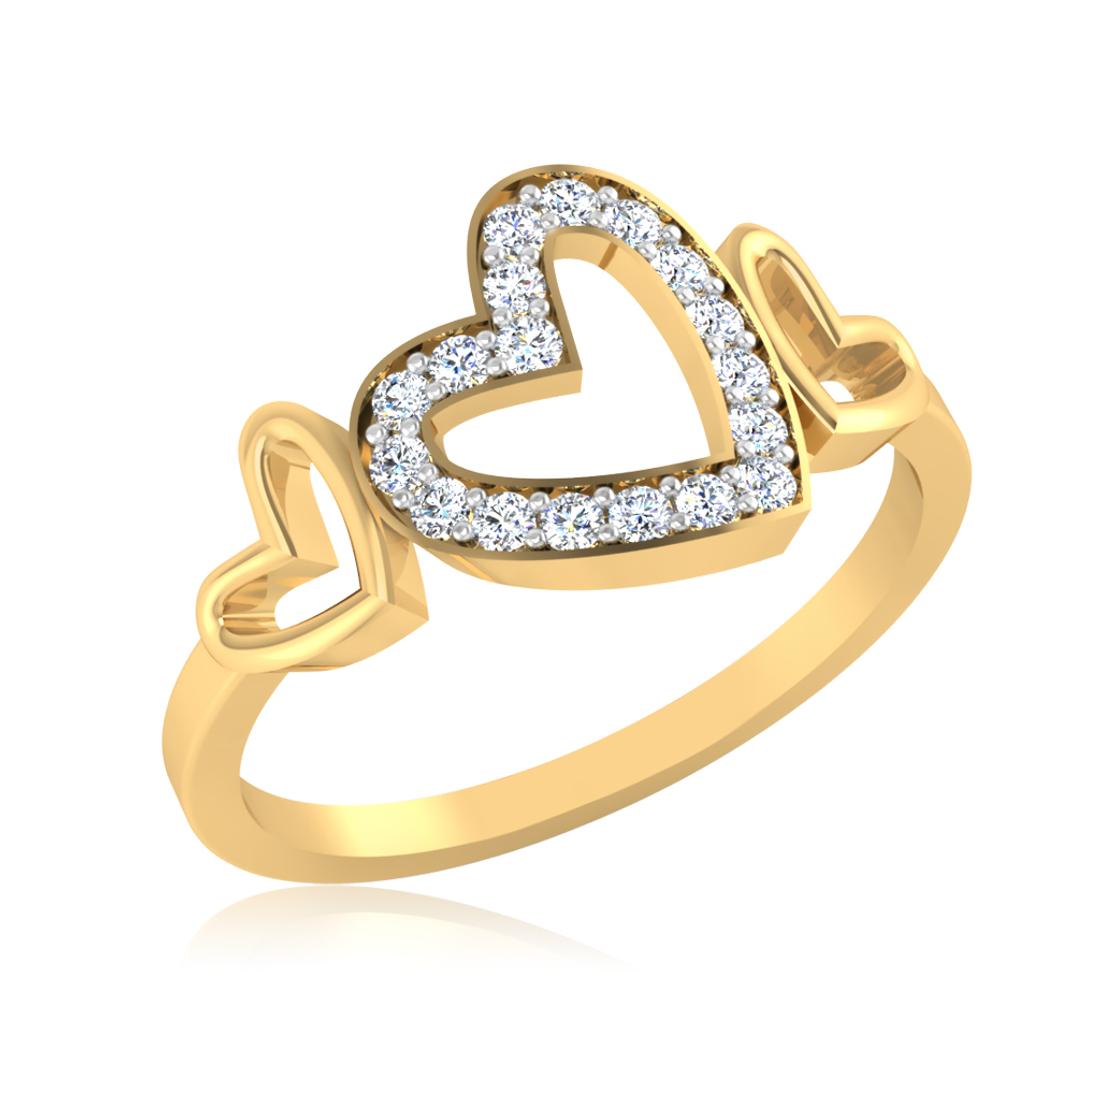 Iski Uski Elegance Ring